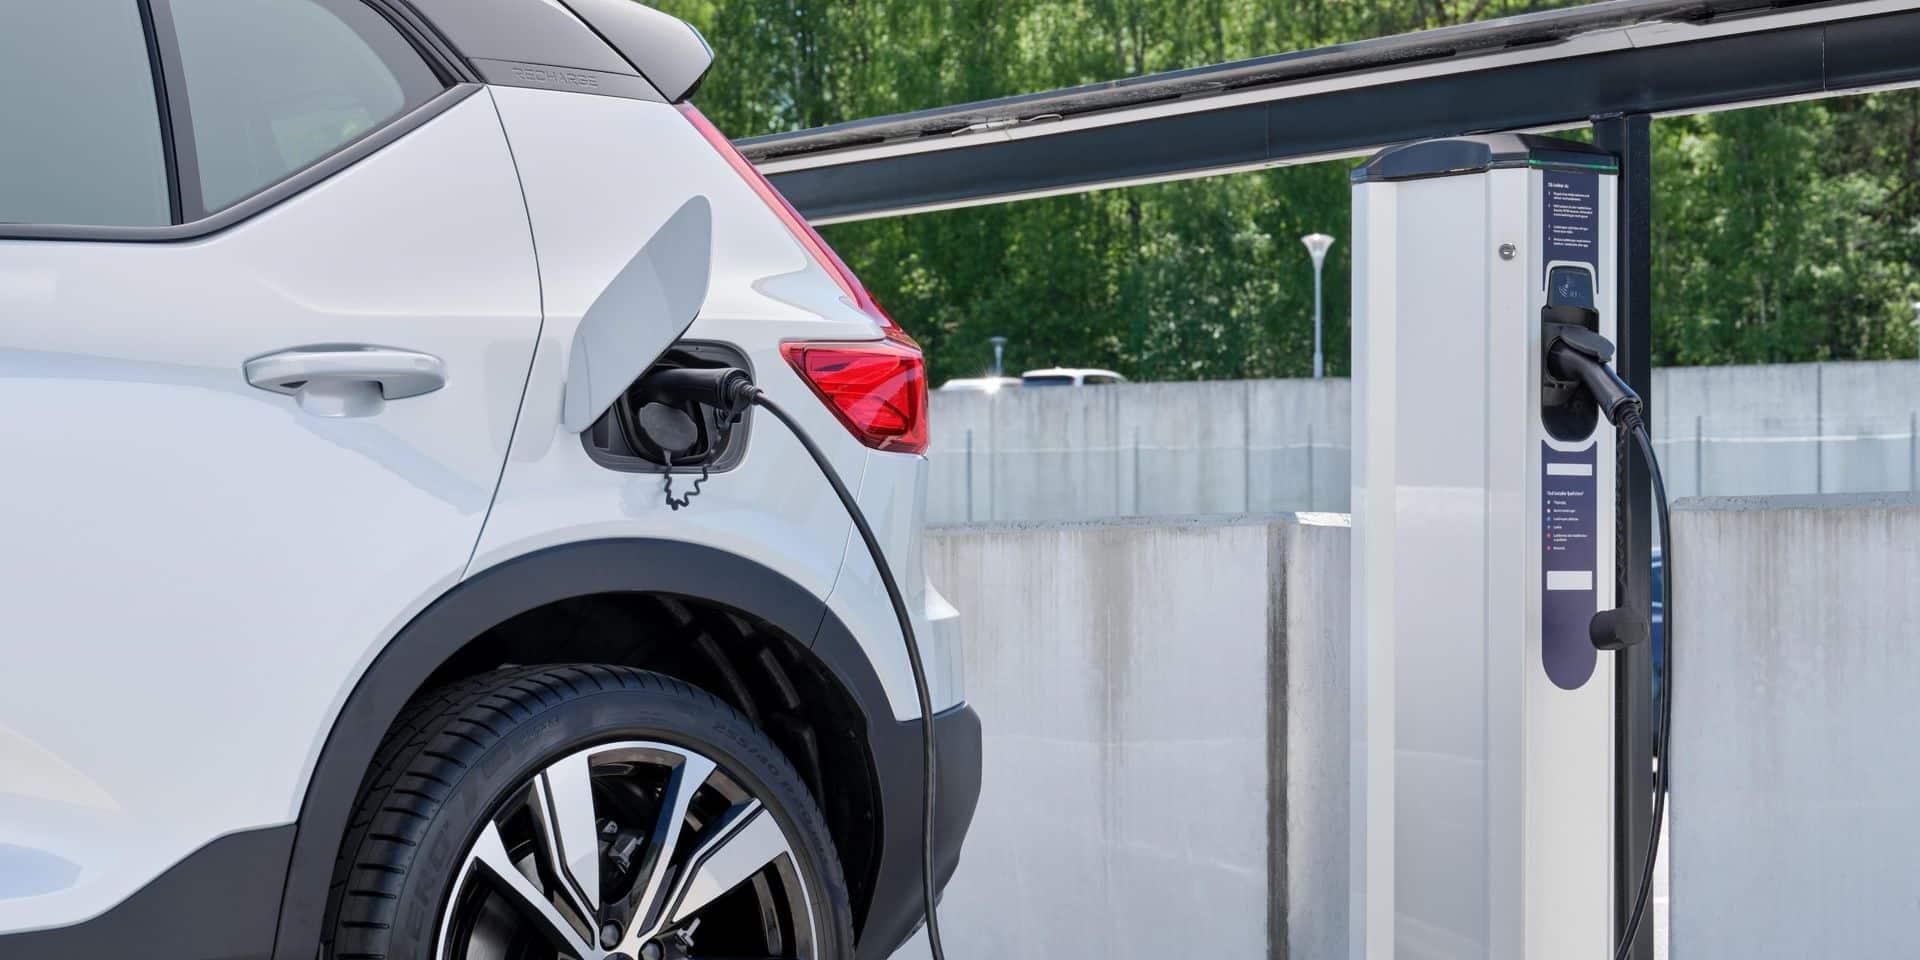 En 25 ans, les rejets de CO2 de nos voitures ont chuté de 42%